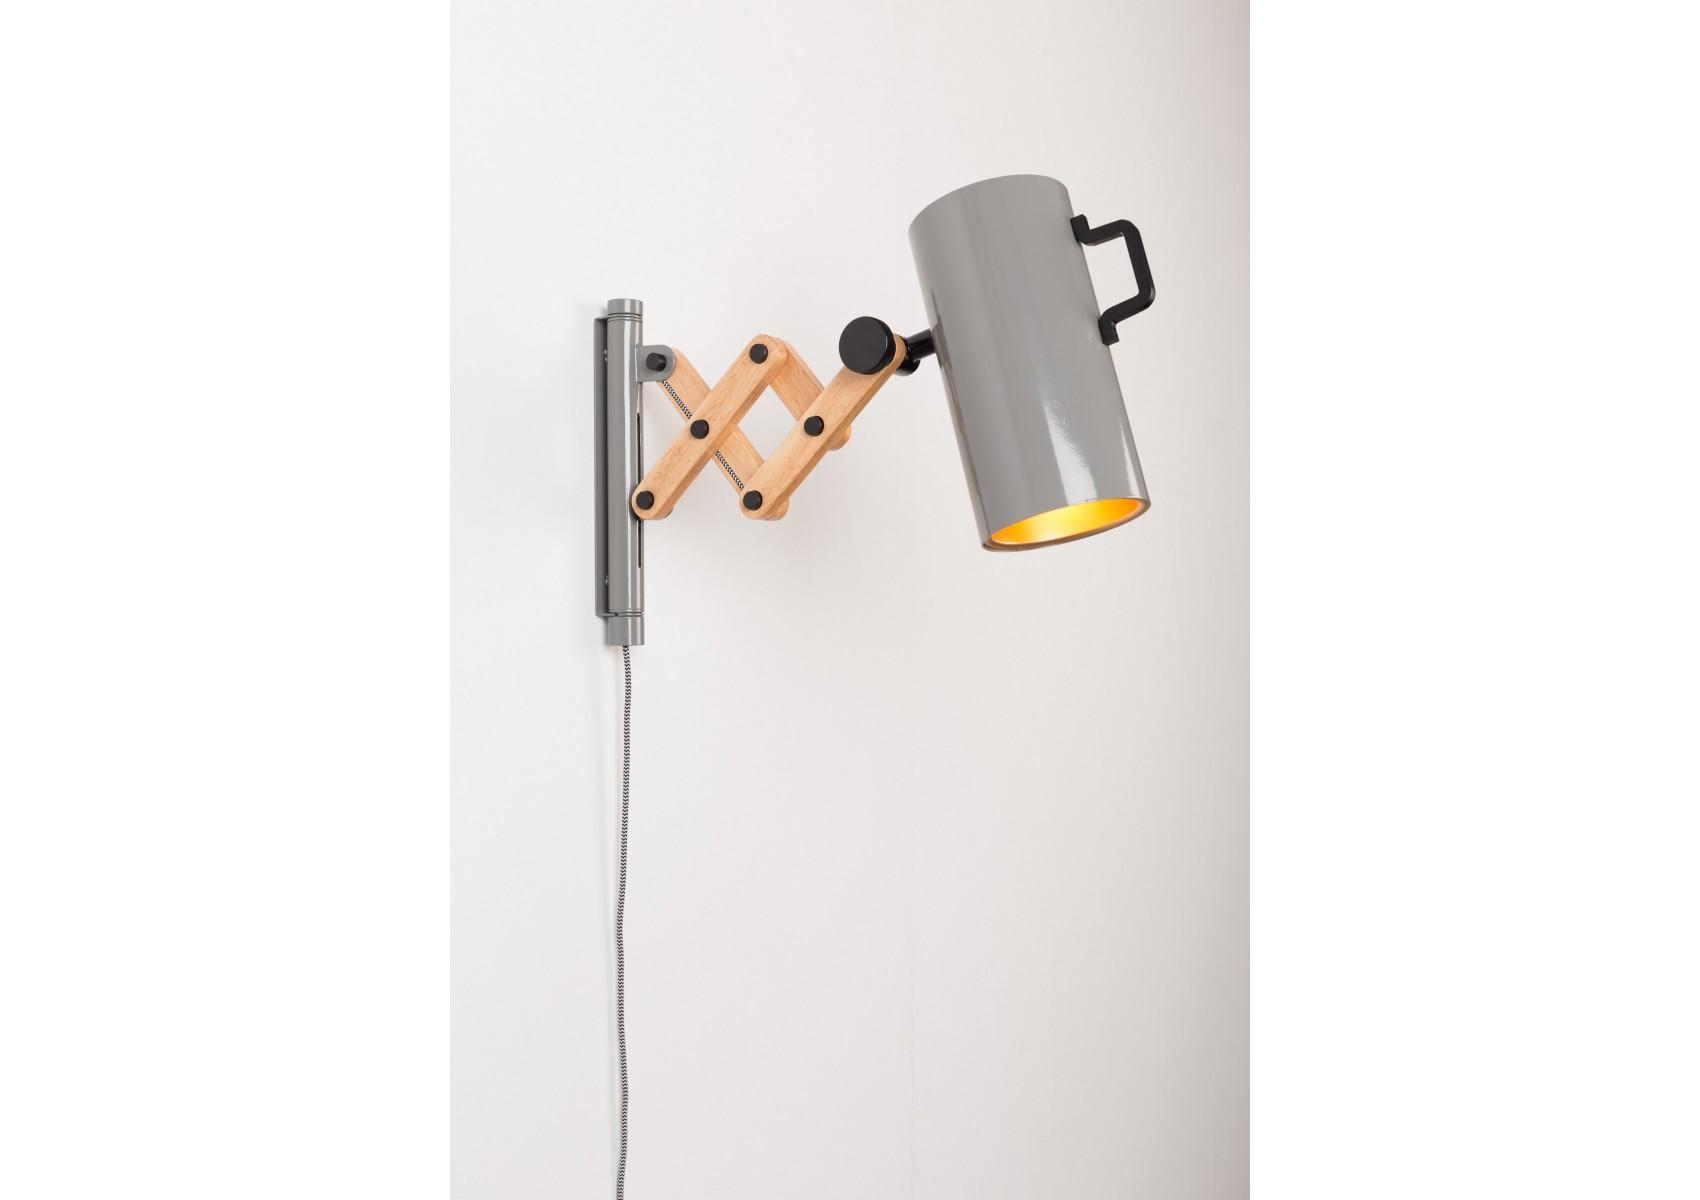 Scandinave Applique Design Zuiver Dimmable Et Flex Réglable kPuZiXTwO